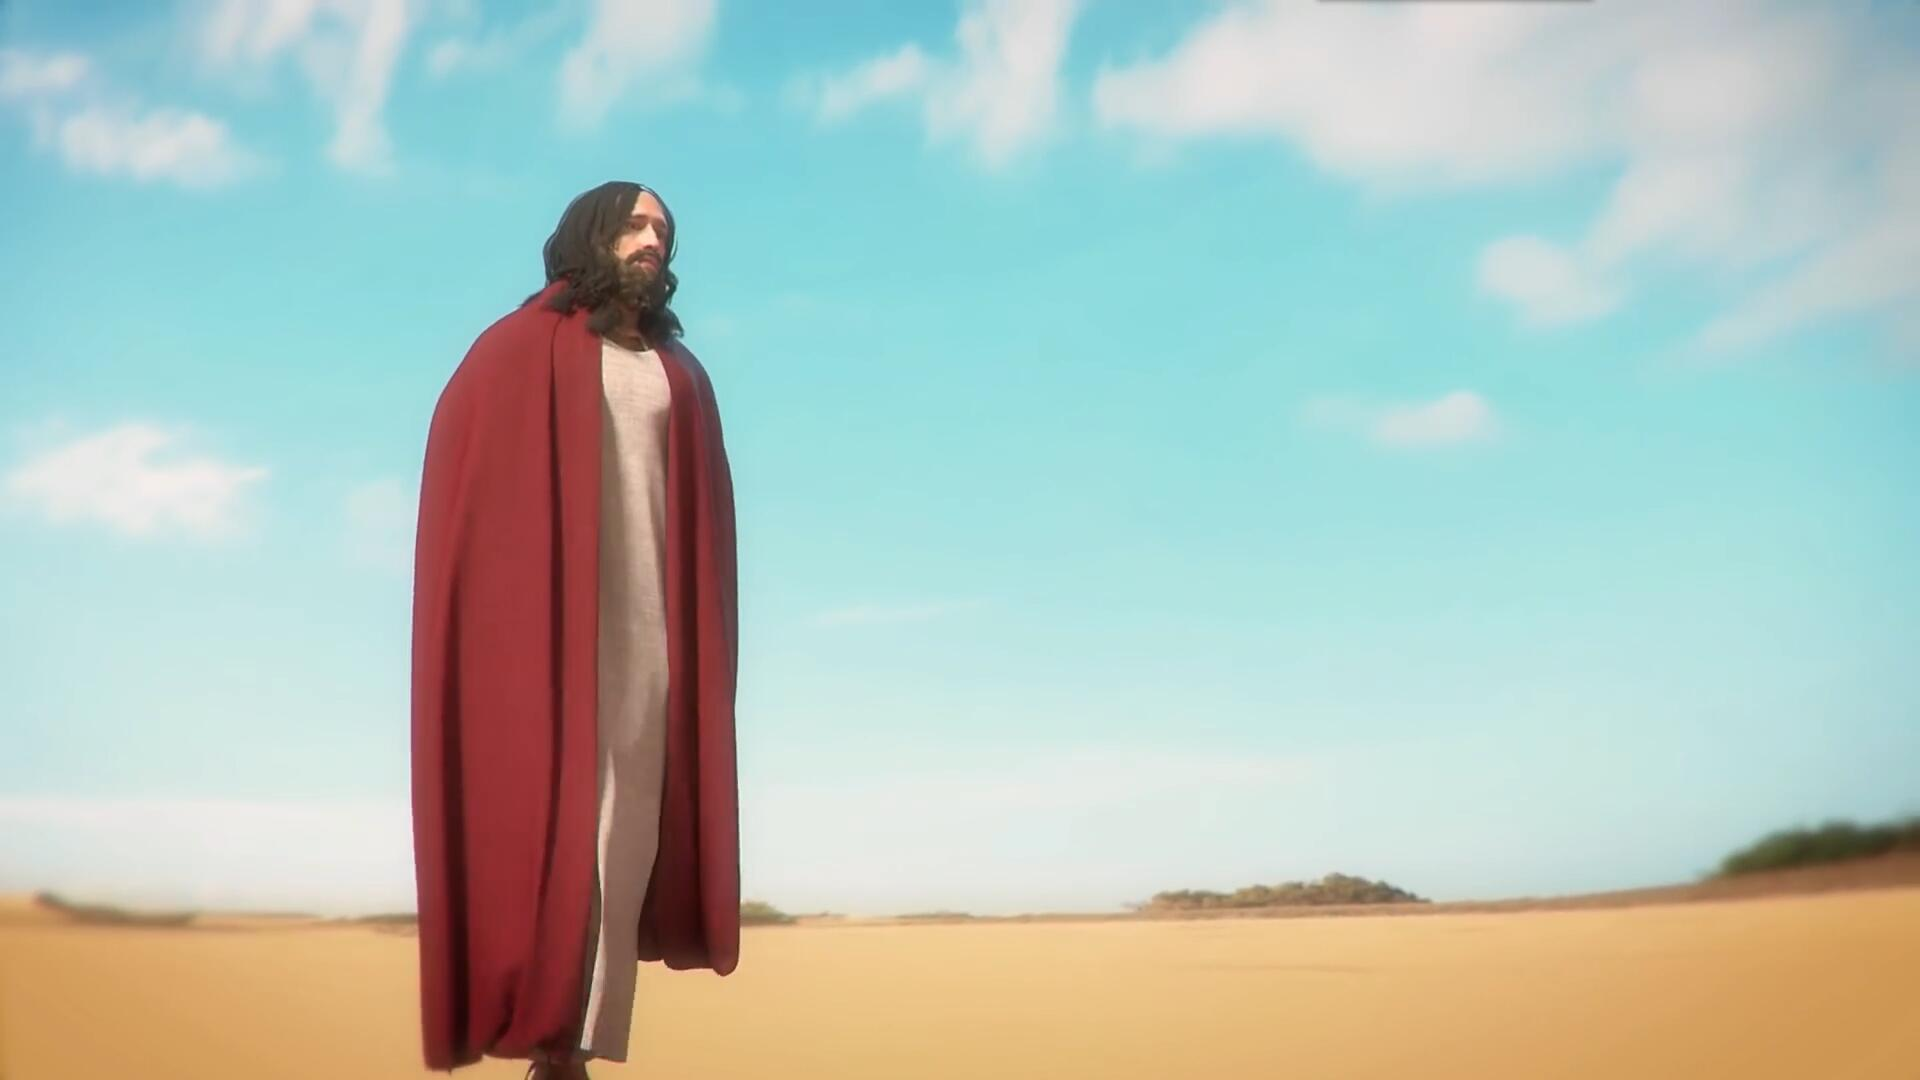 传道游戏《我是耶稣》扮演耶稣基督的一生